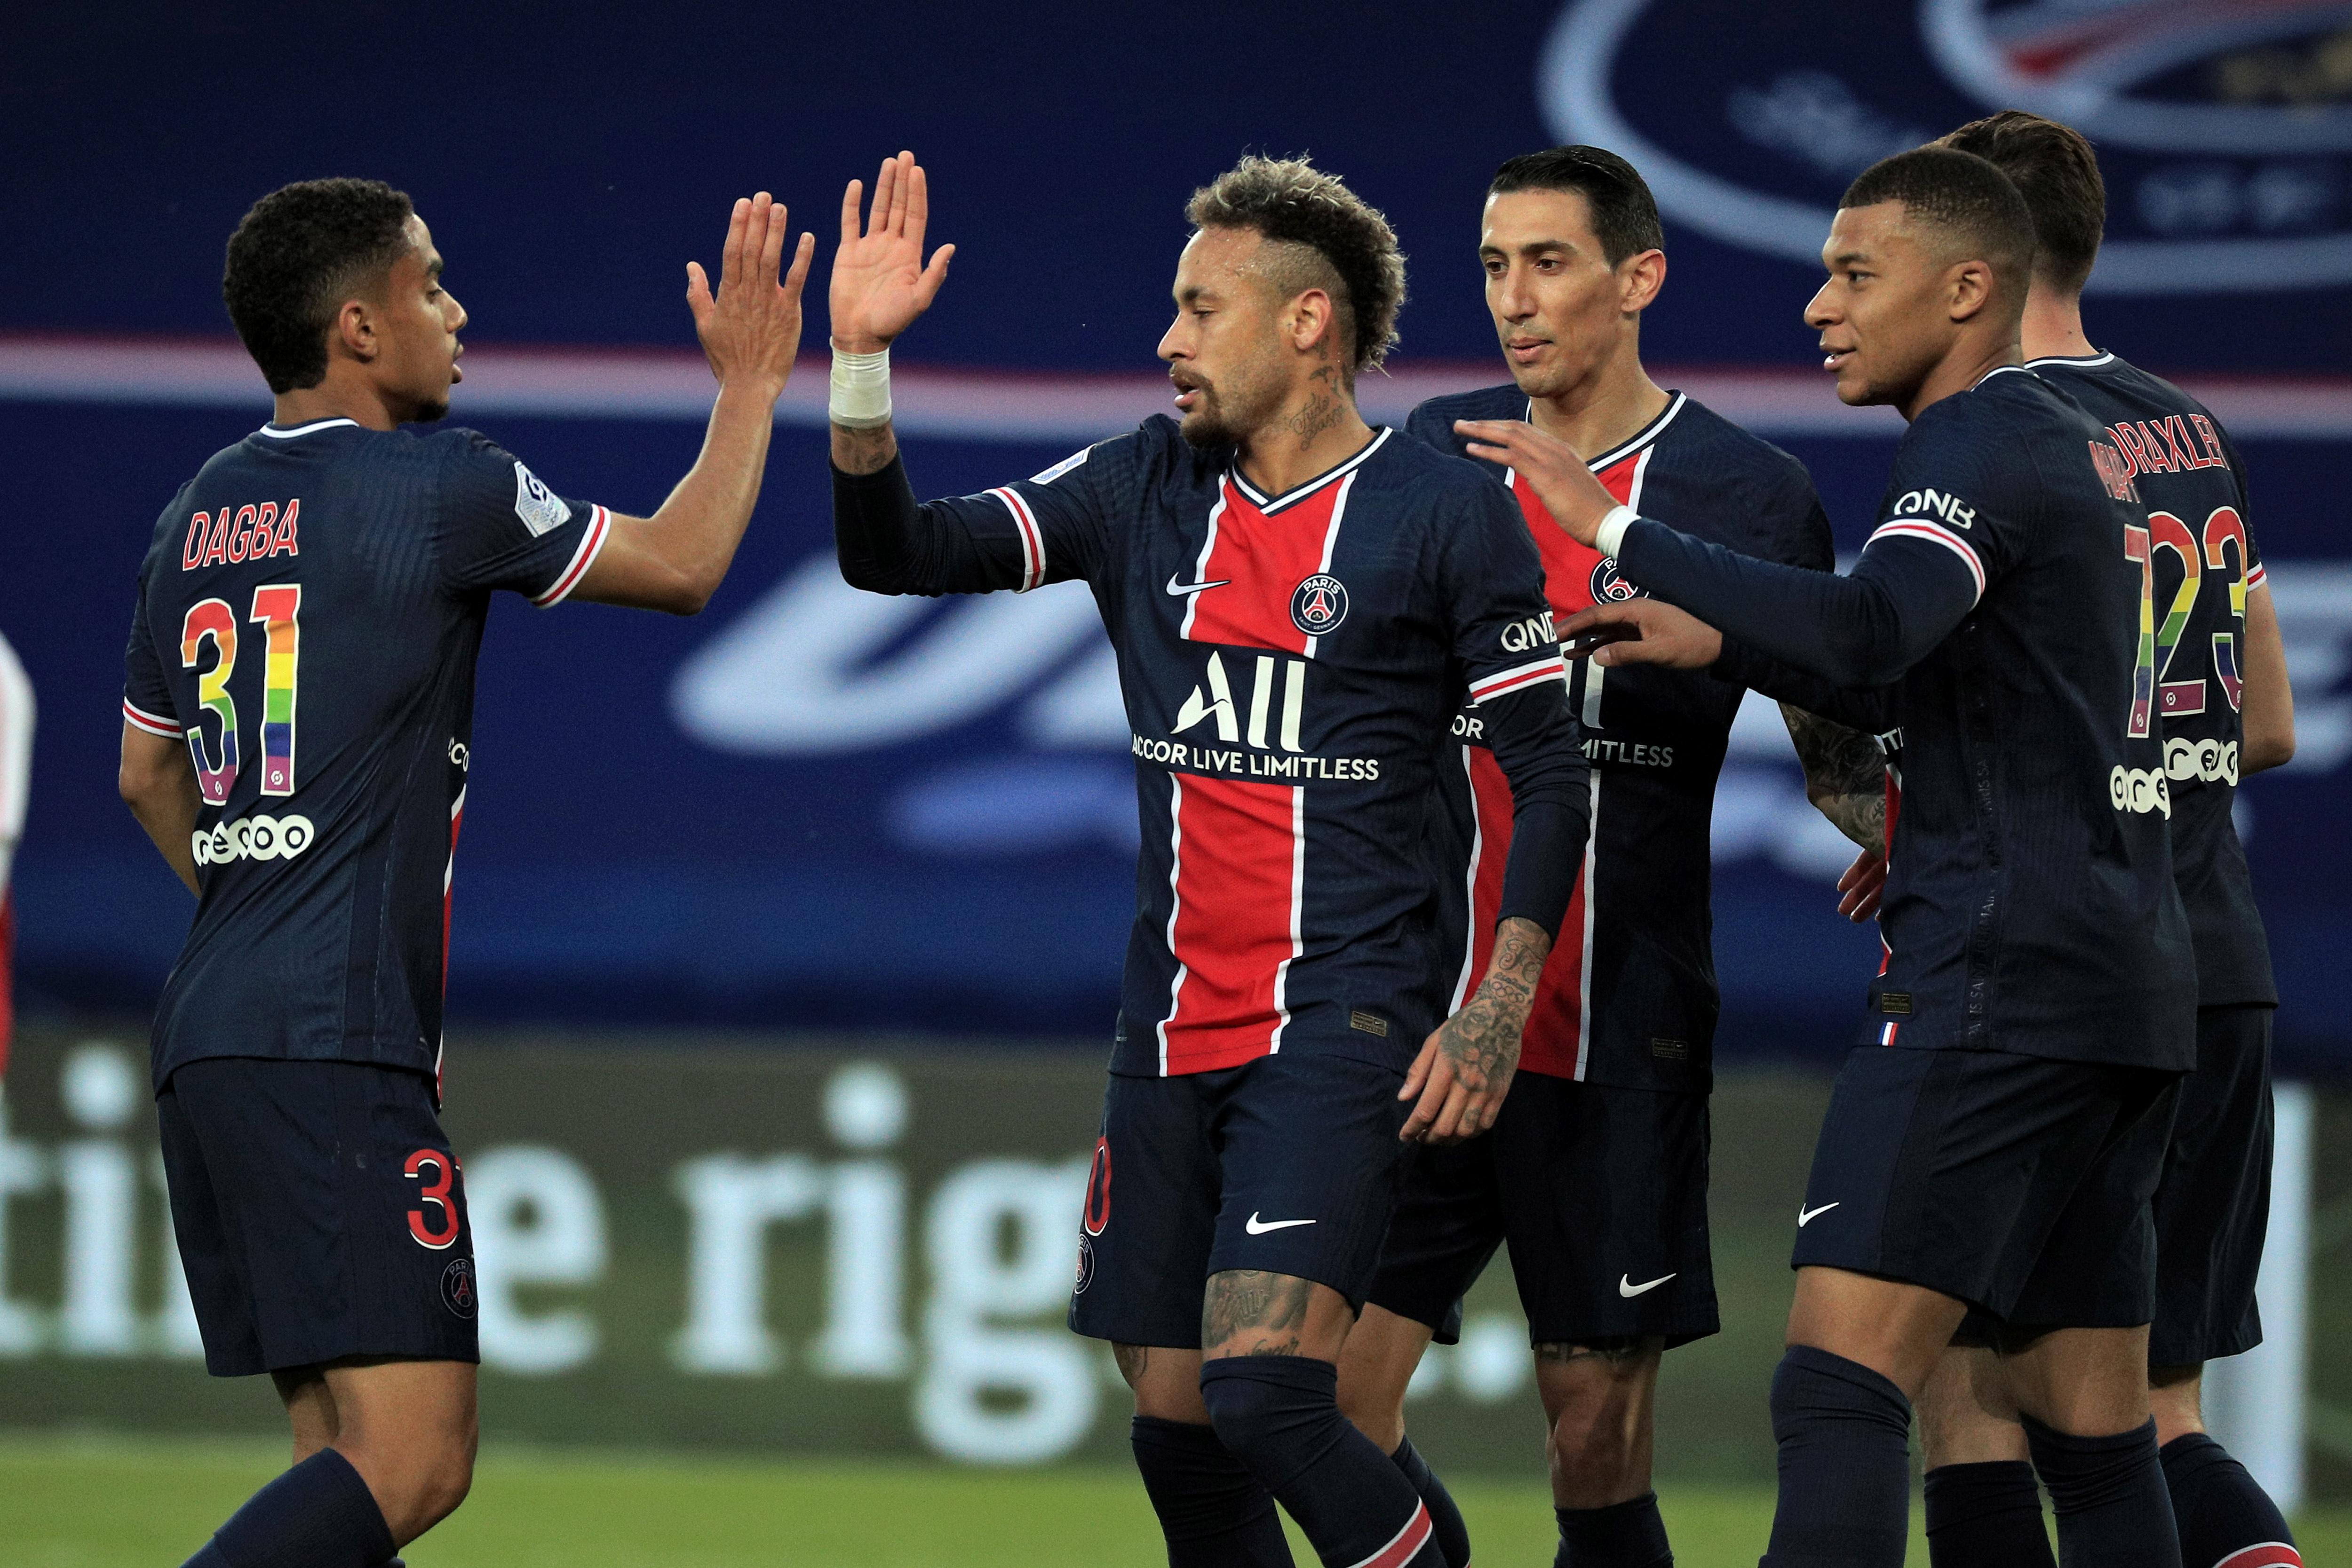 内马尔传射姆巴佩破门,巴黎4-0兰斯距离榜首里尔仅1分